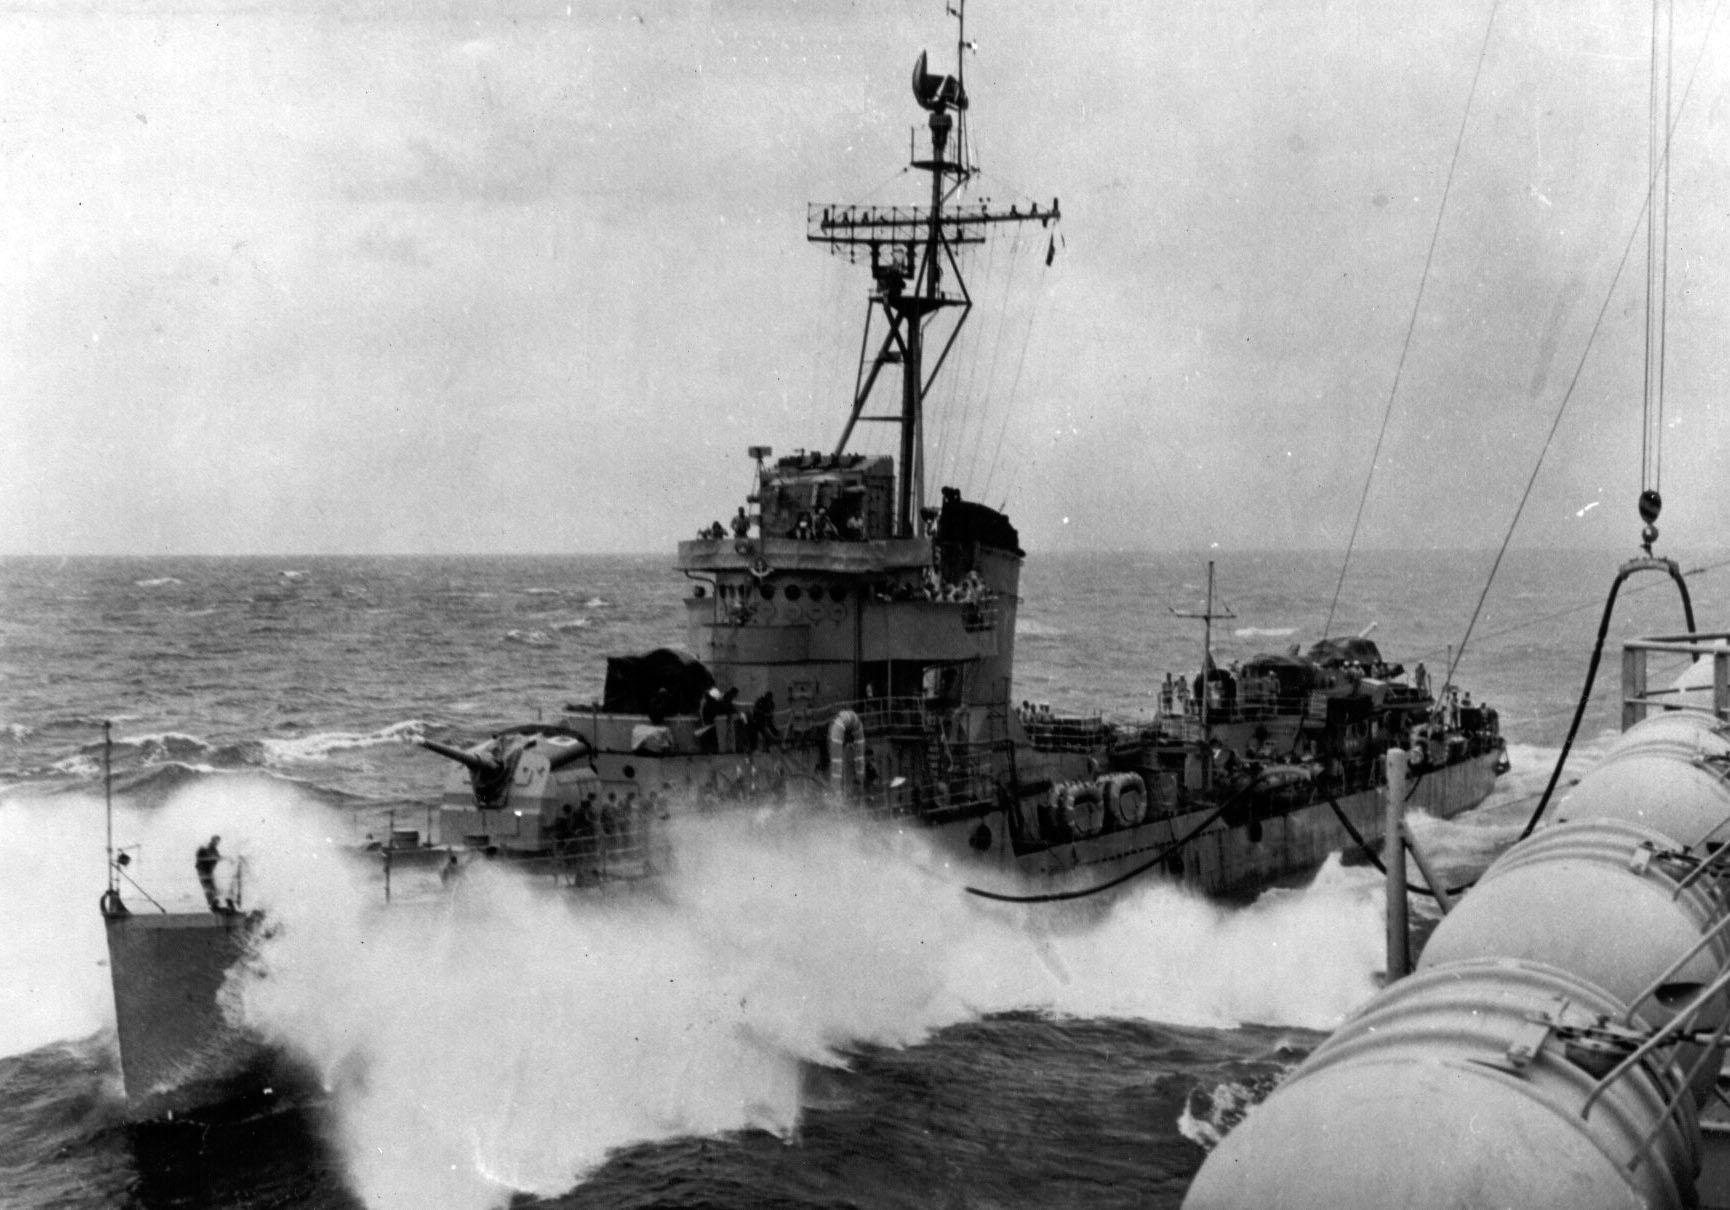 """O contratorpedeiro Acre (D10) sendo reabastecido em alto mar pelo NAeL Minas Gerais. A situação de alguns navios da classe """"A"""" em 1963 era crítica. À época, a MB privilegiava a manutenção da classe """"Pará"""", mais capaz que as classes """"A"""" e """"M"""" construídas no Brasil nas décadas anteriores"""